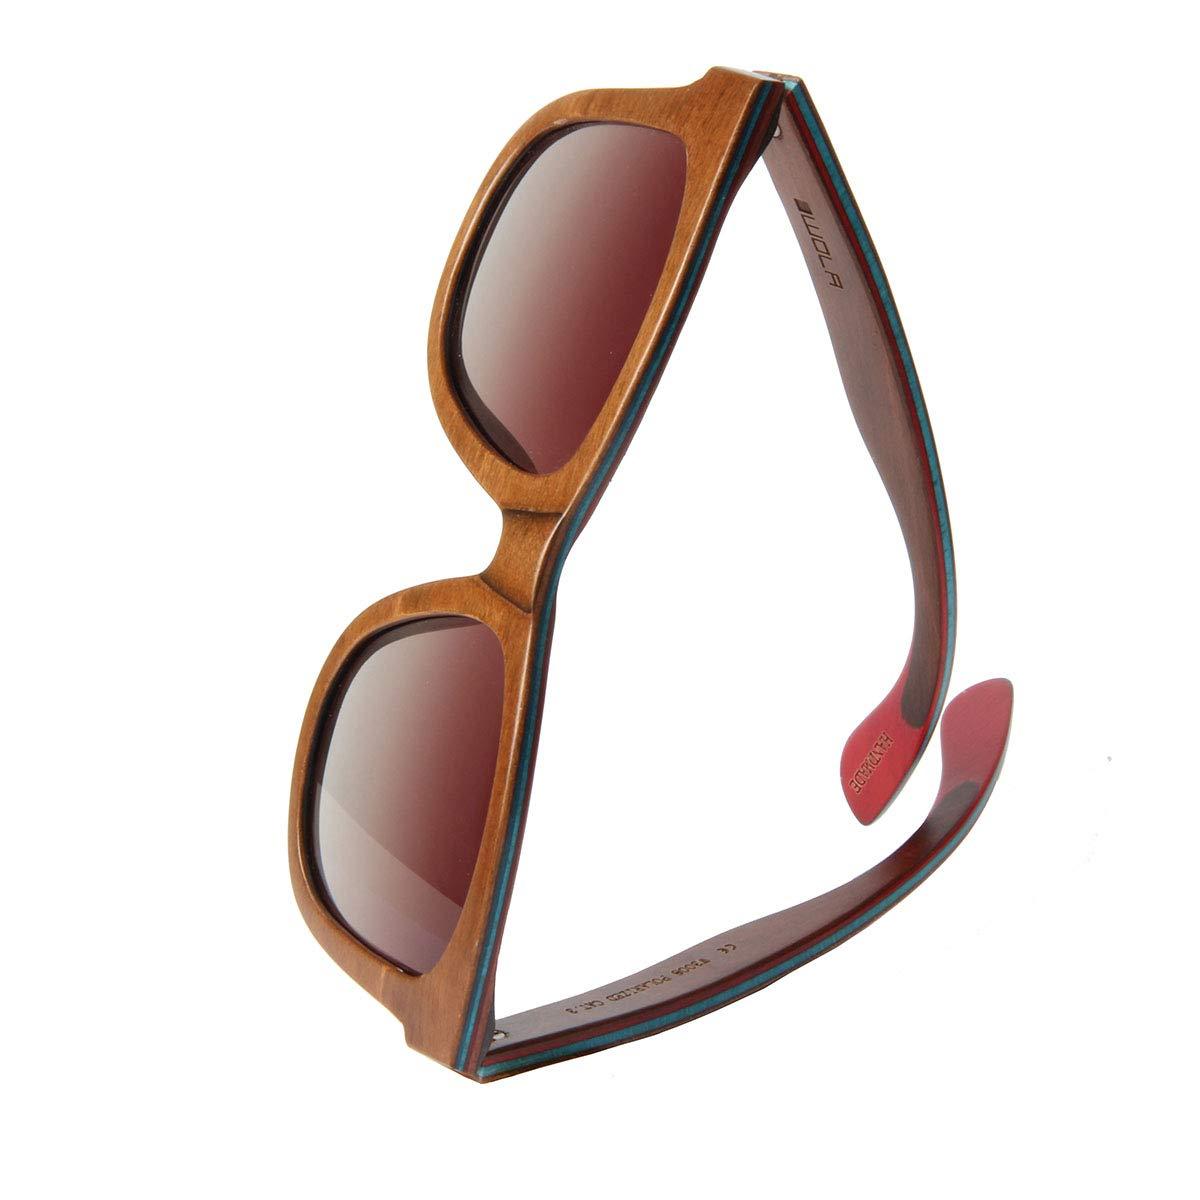 WOLA gafas de sol madera - AIR lentes mujer y hombre unisex, polarizadas UV400 cuadradas estilo